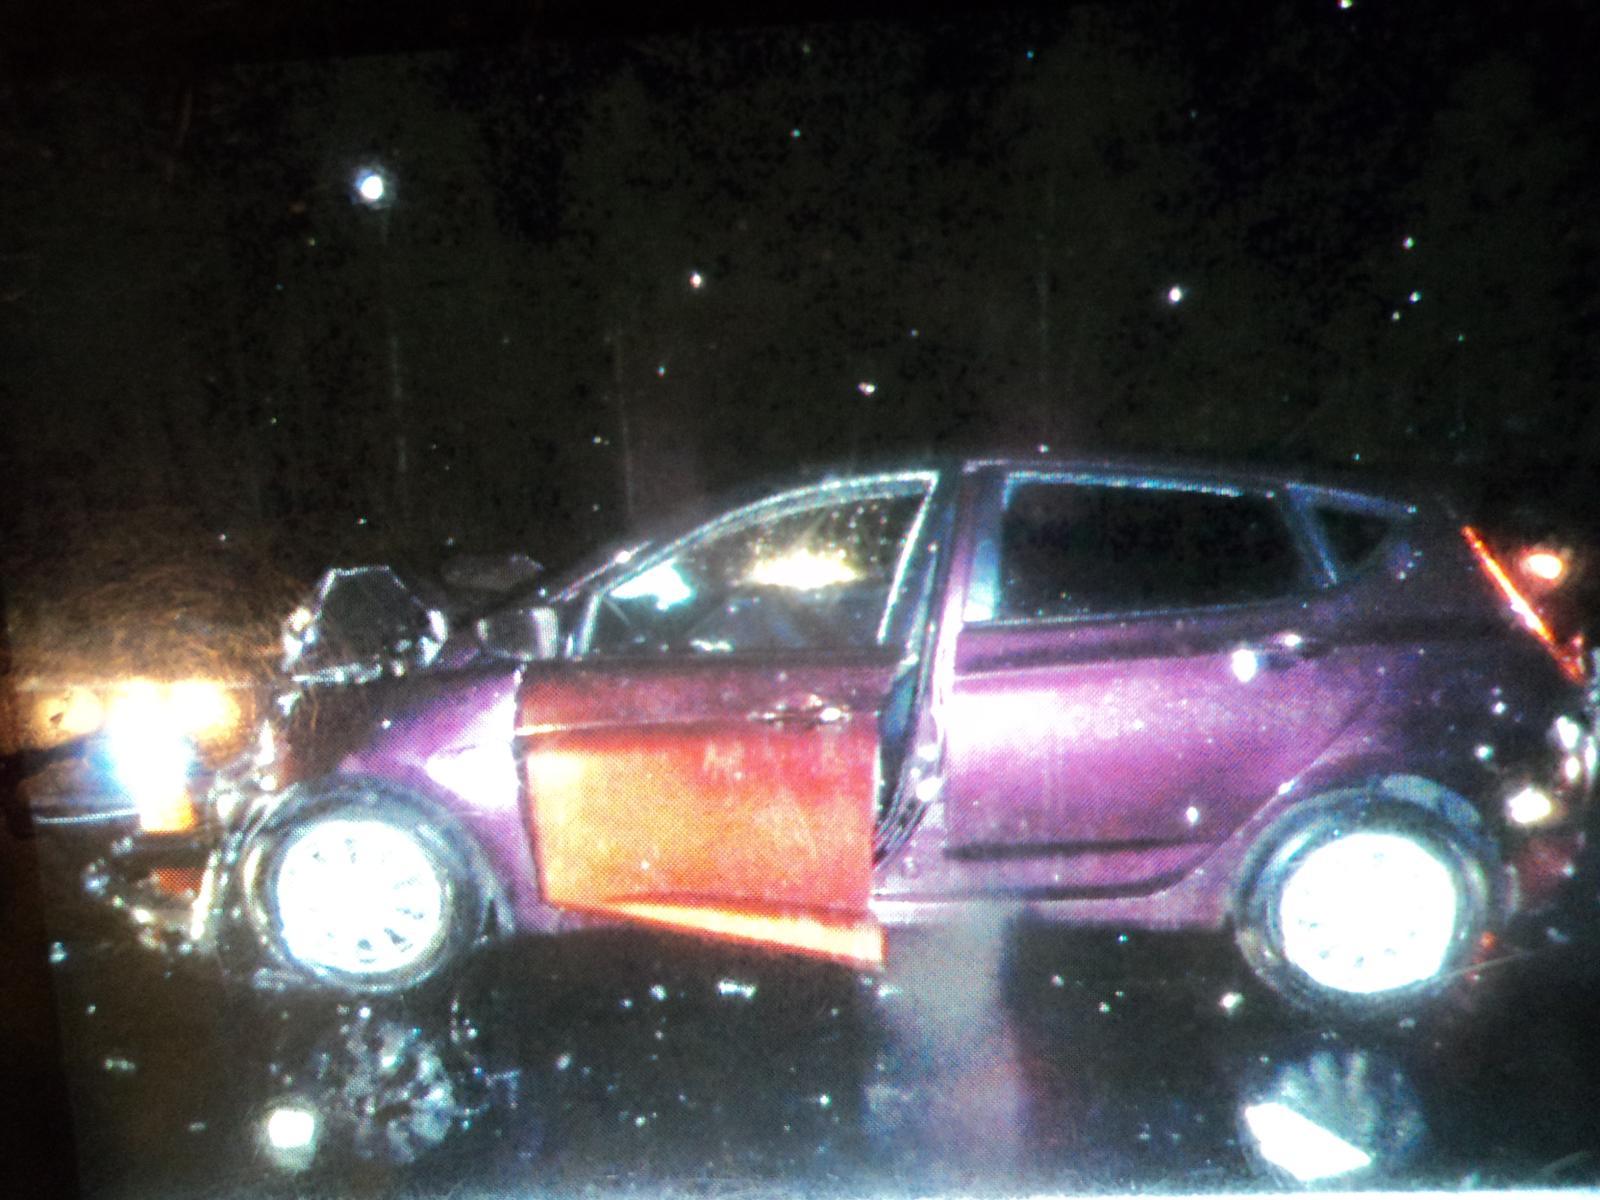 Очевидцы сообщали, что вторая иномарка тоже существенно пострадала в аварии<br>